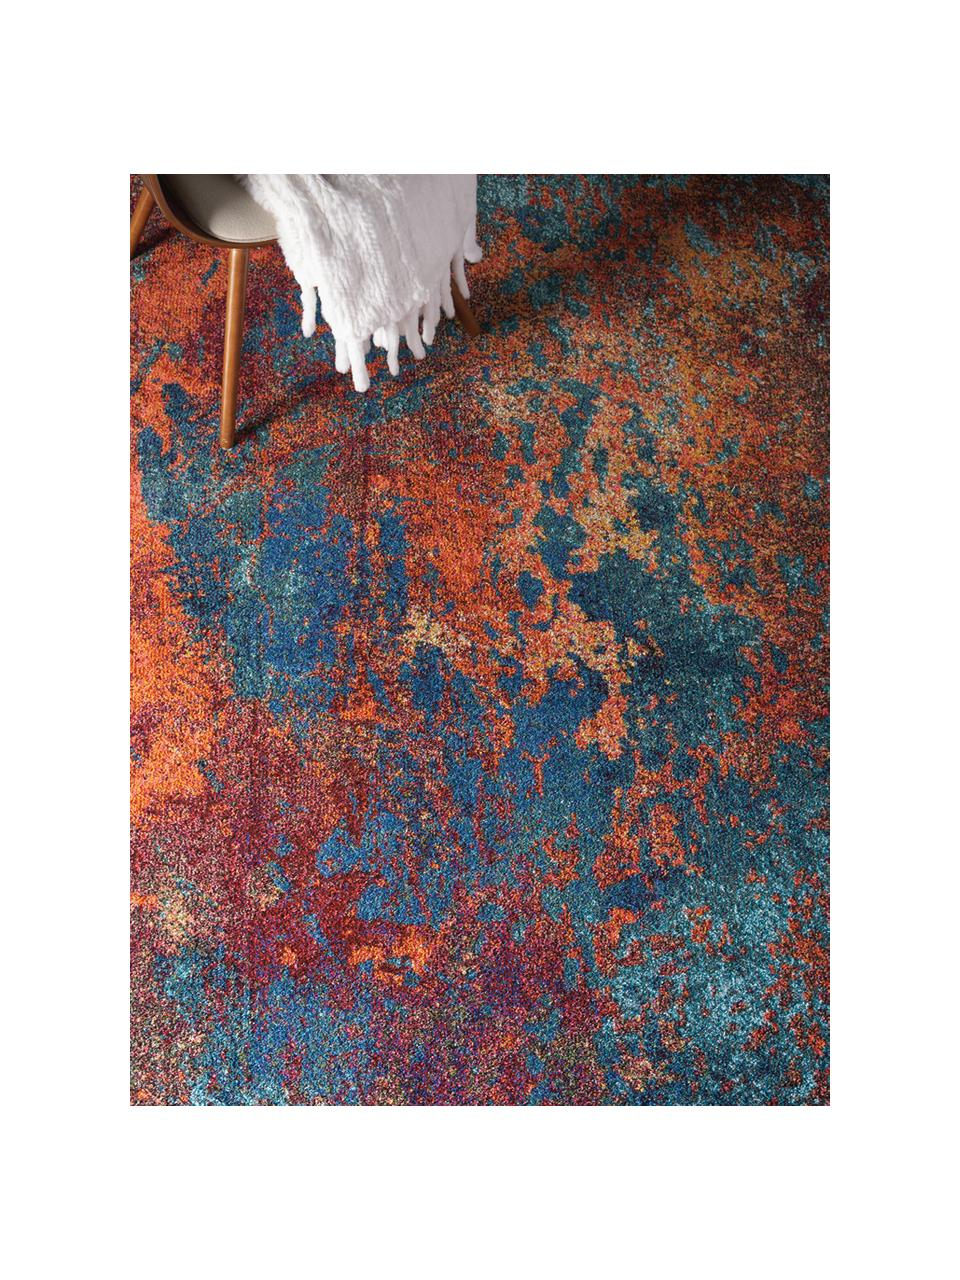 Tapis design jute multicolore Celestial, Tons rouges, tons bleus, vert